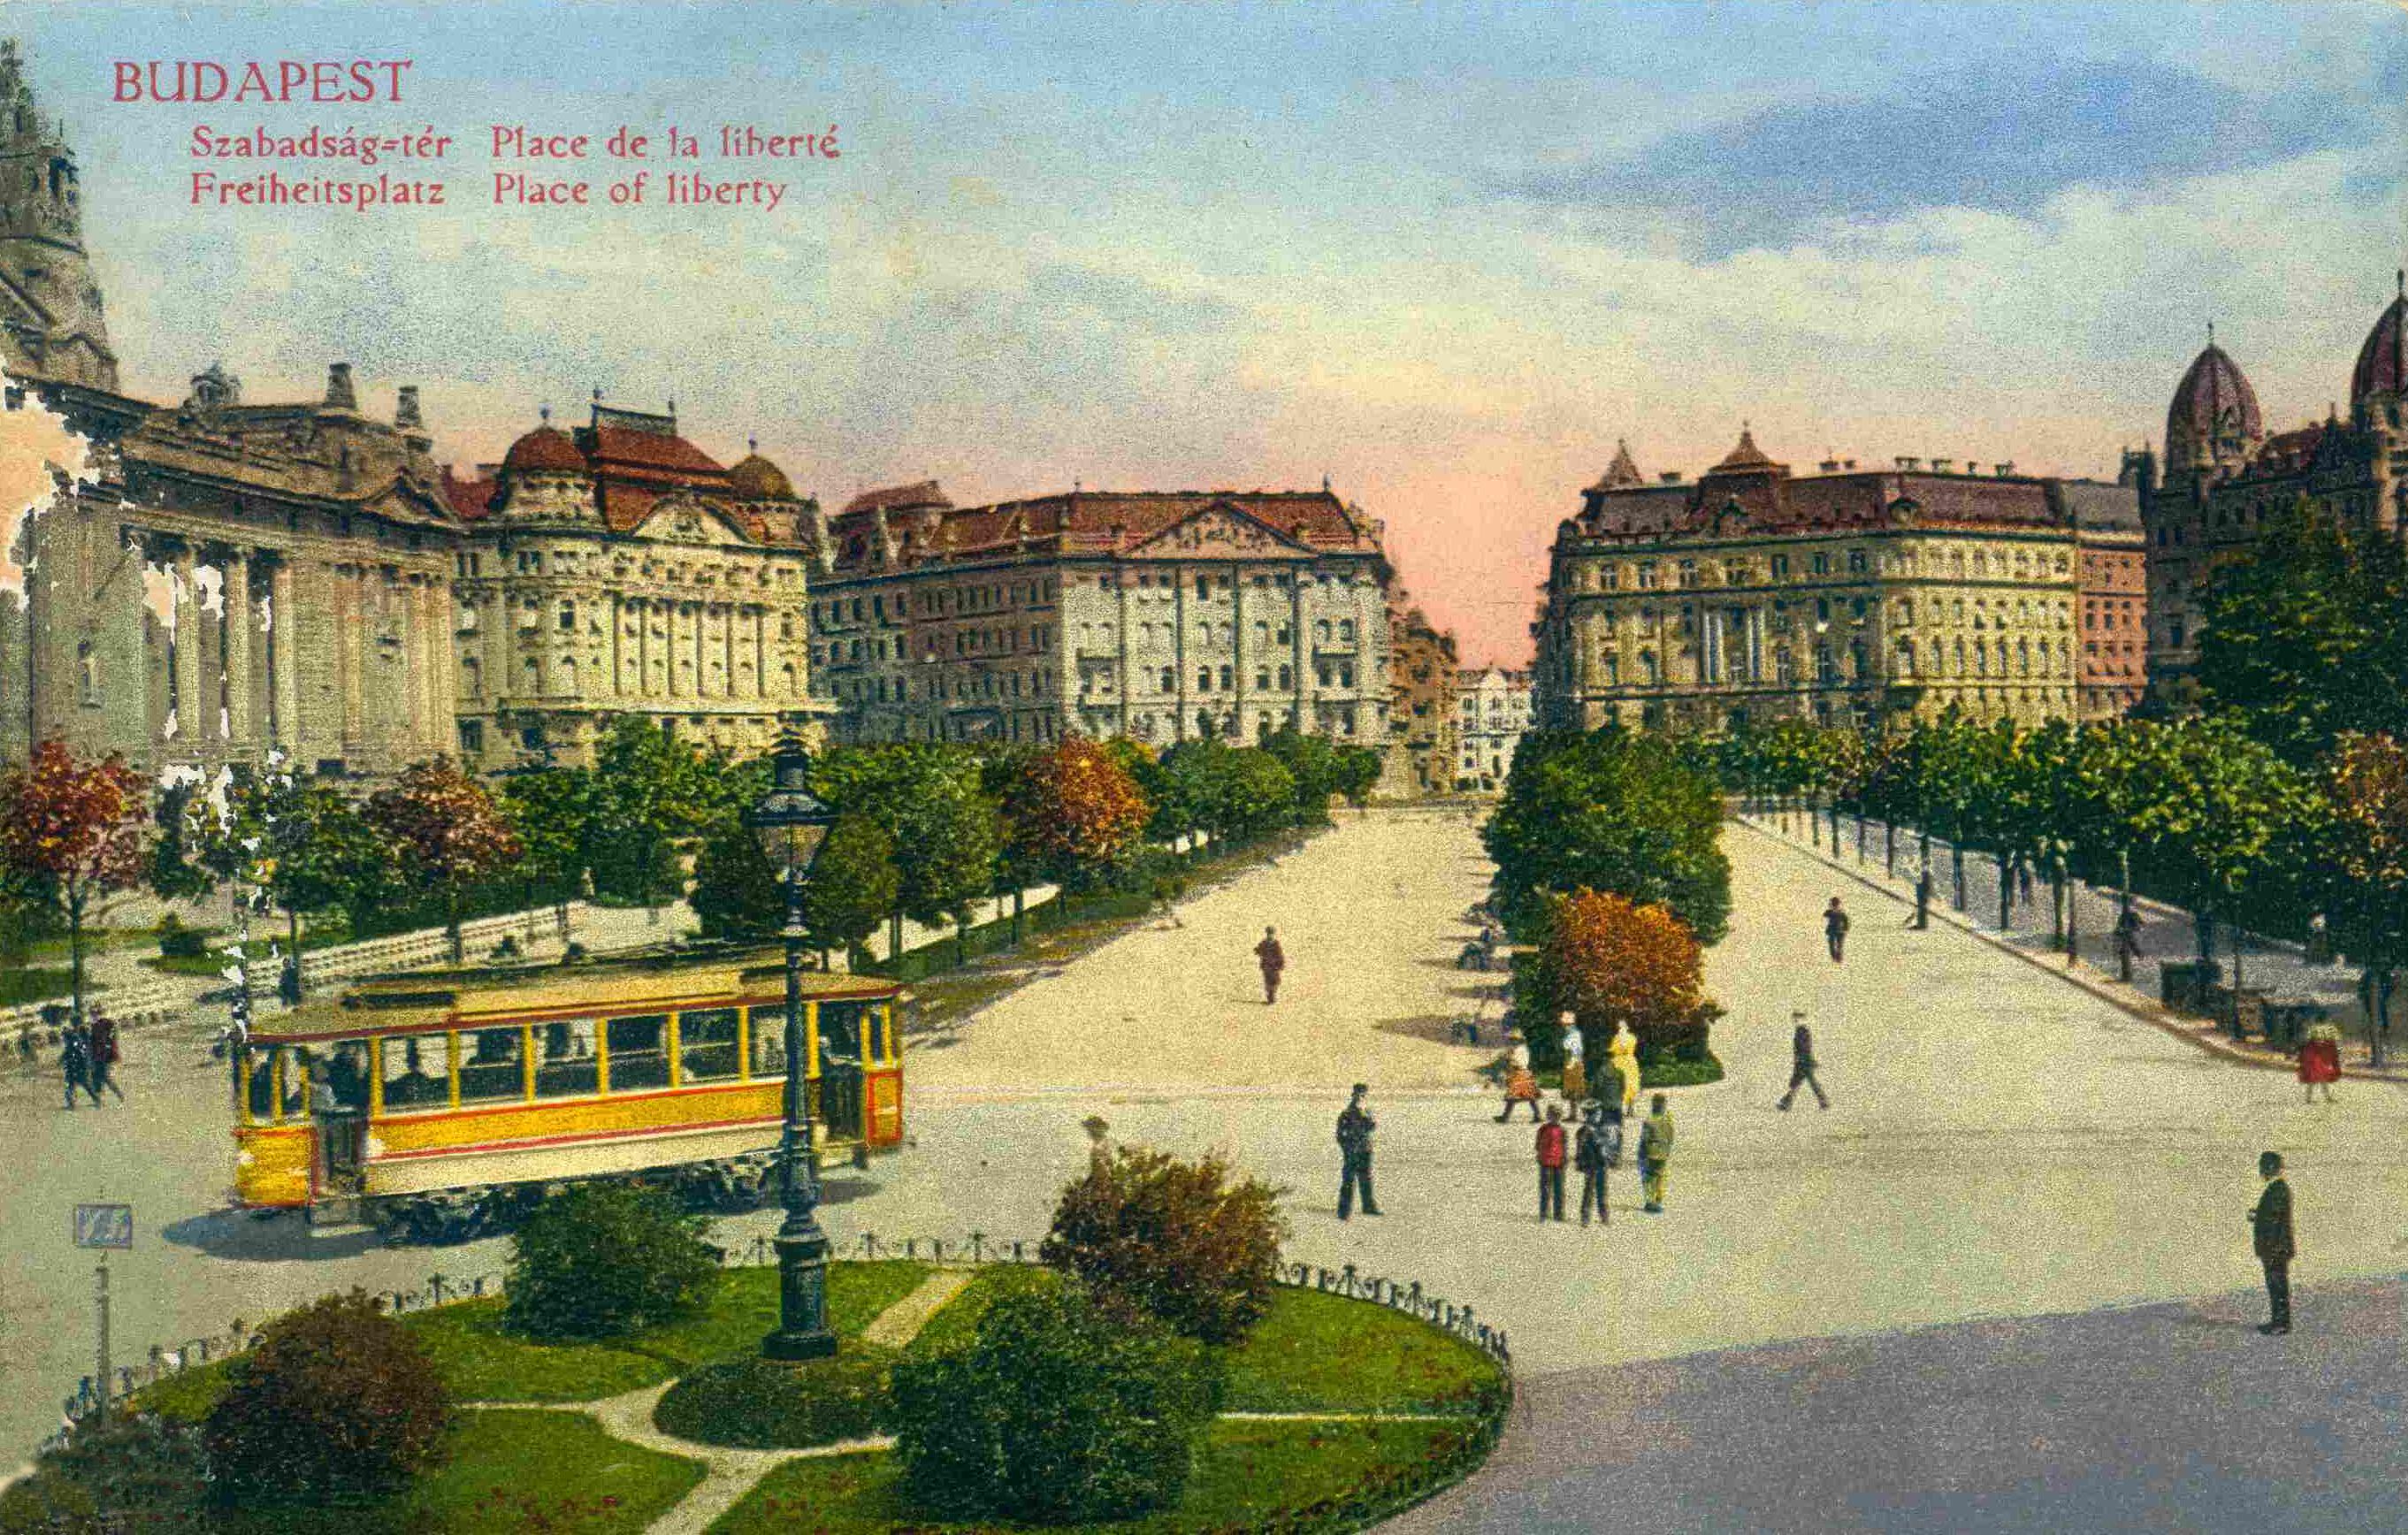 budapest_szabadsag_ter_1912.jpg